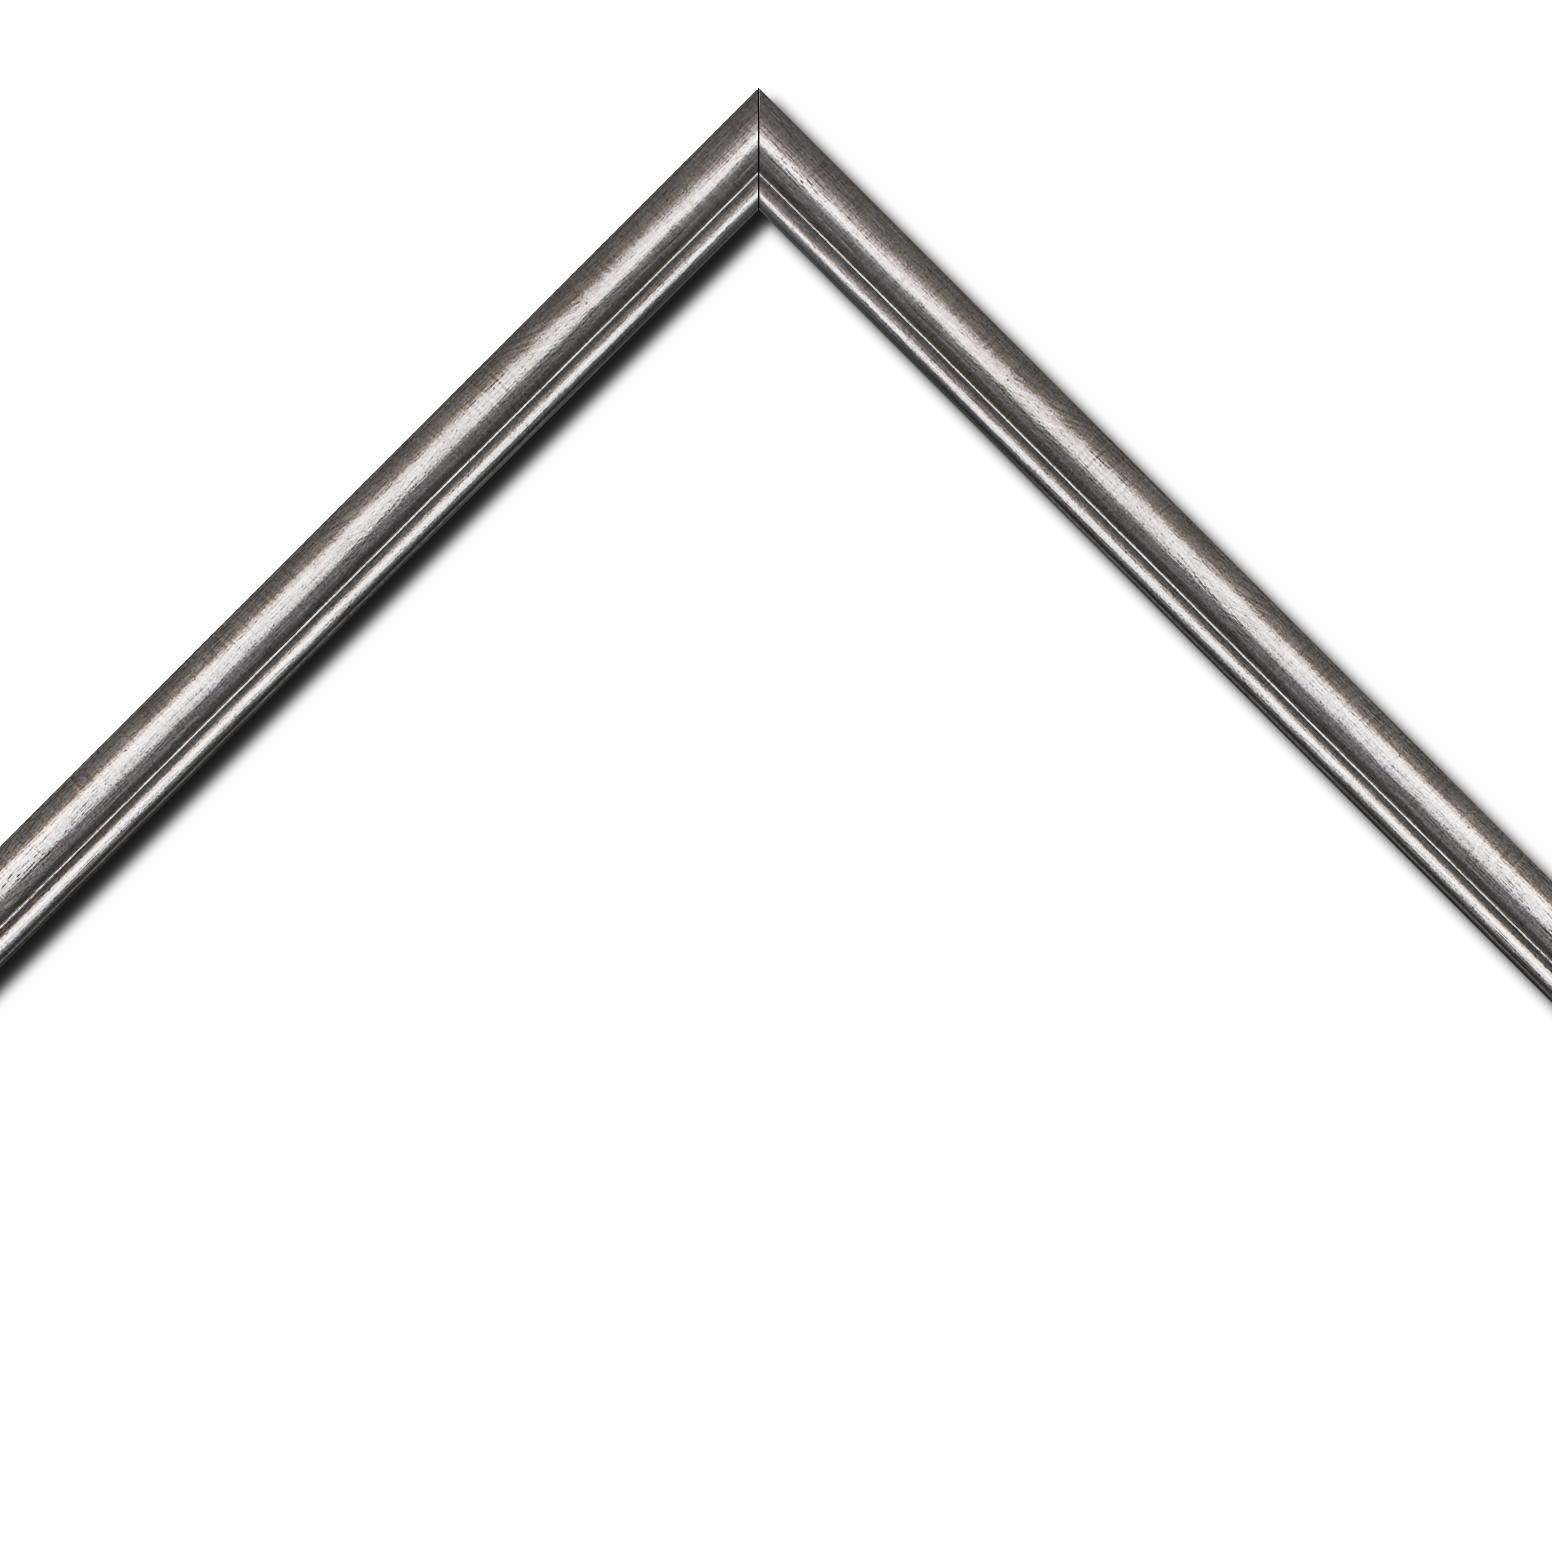 Baguette bois profil arrondi largeur 2.1cm couleur plomb filet plomb